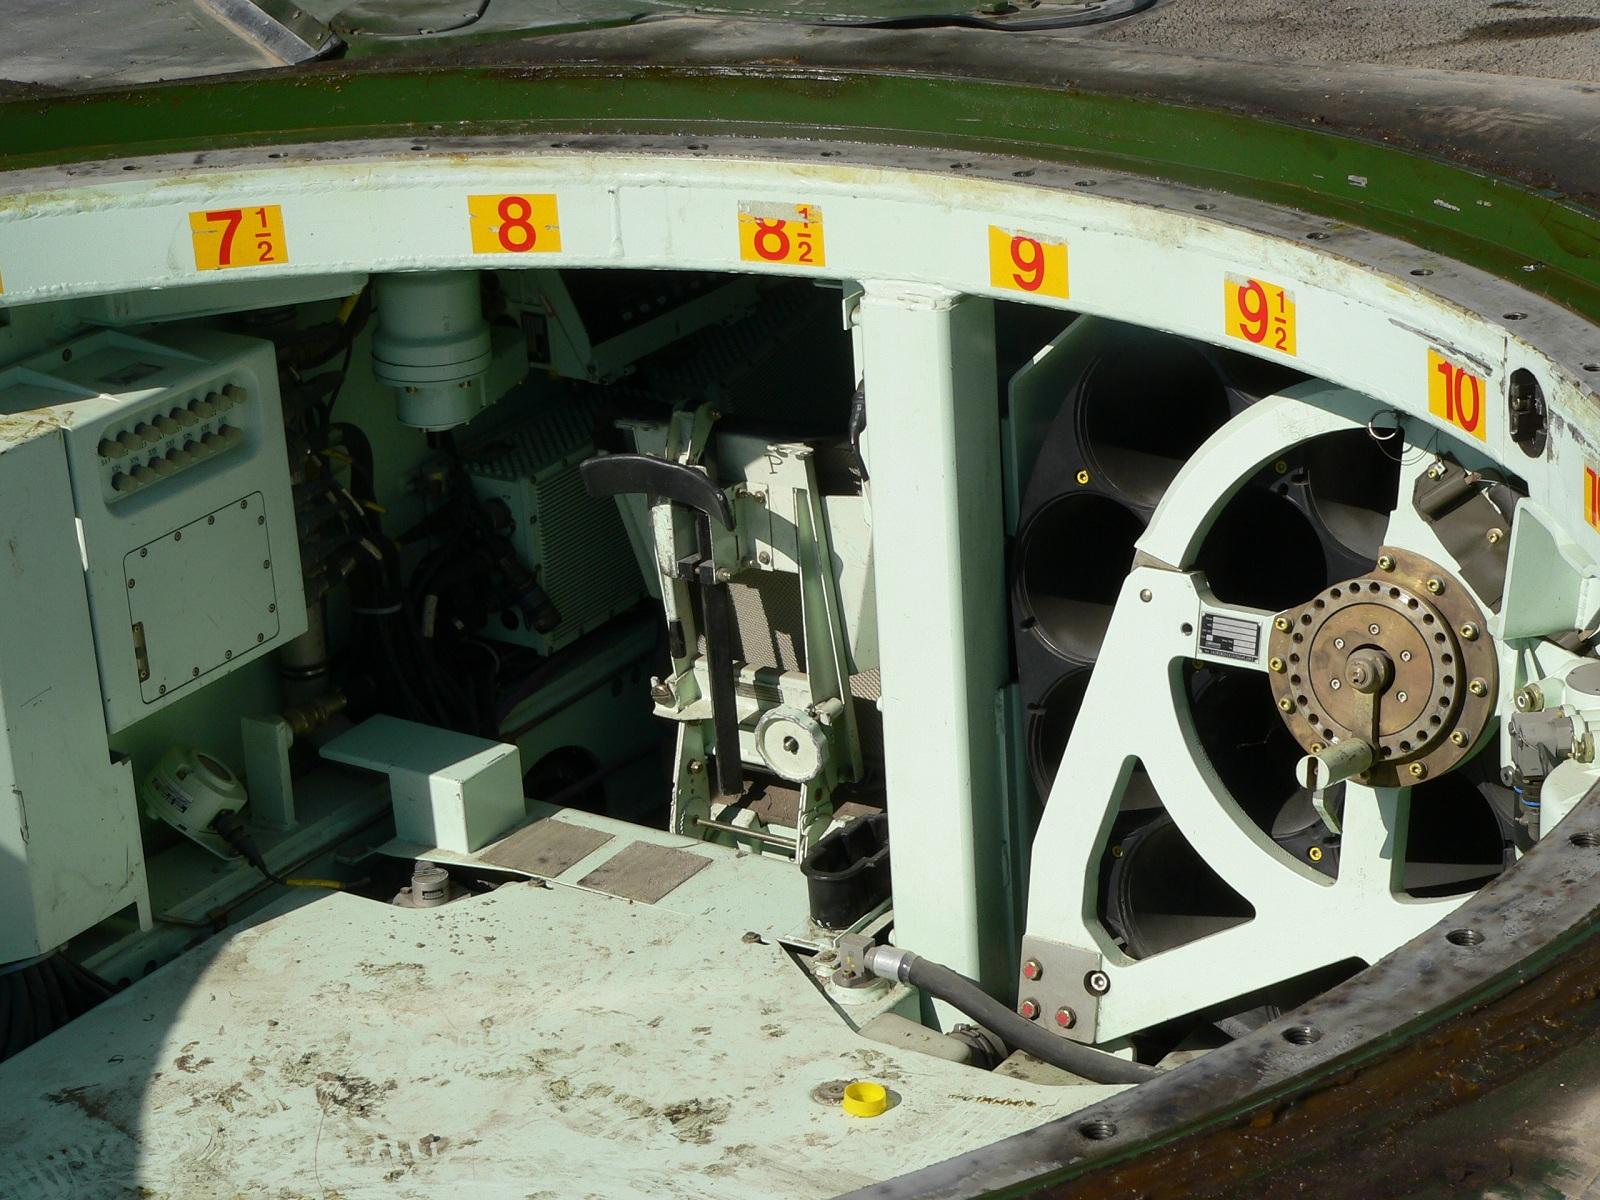 BNgskRP8oV0.jpg